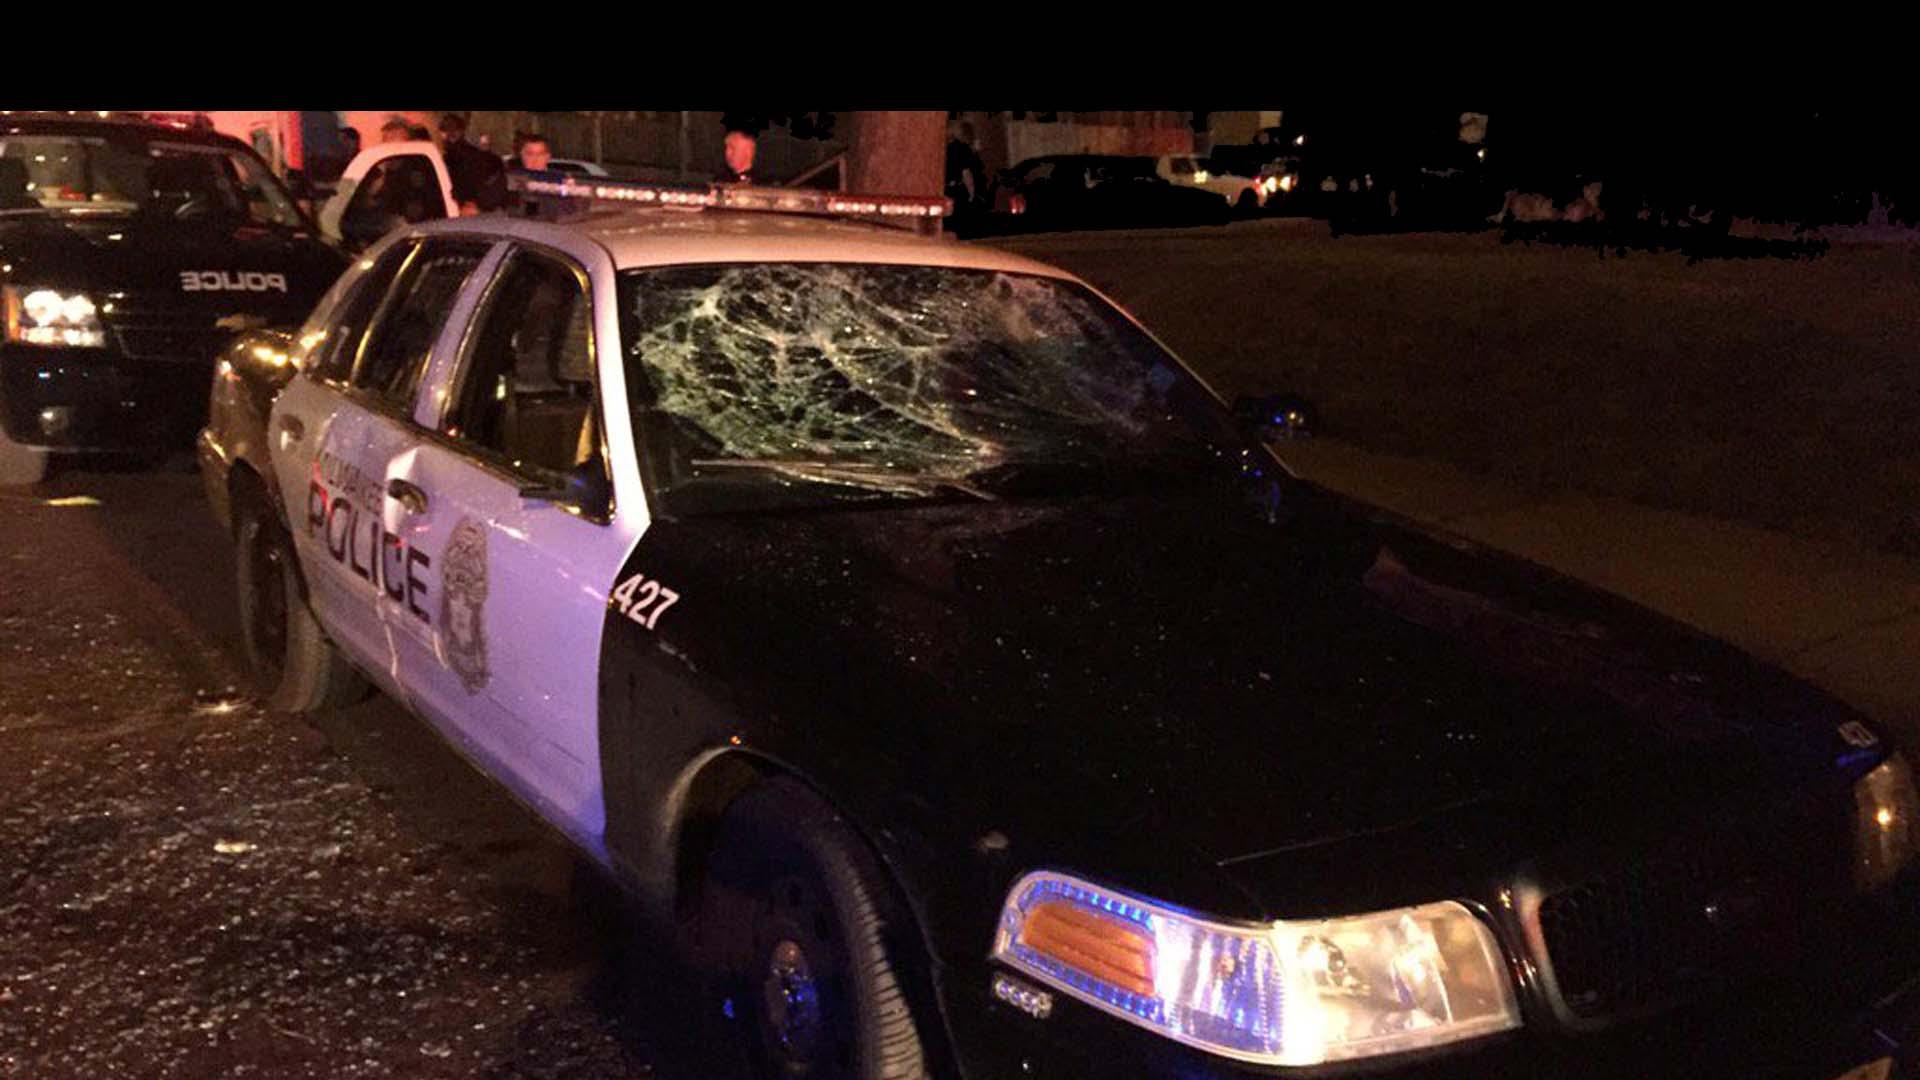 La policía local abatió a un hombre negro que iba armado y desató la furia de la comunidad